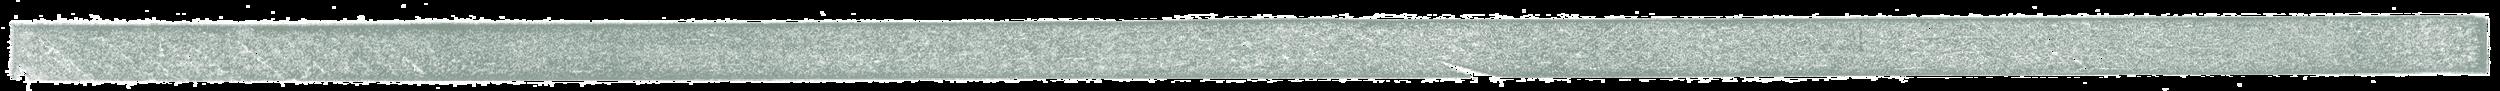 Horizontal_divider-01_green.png